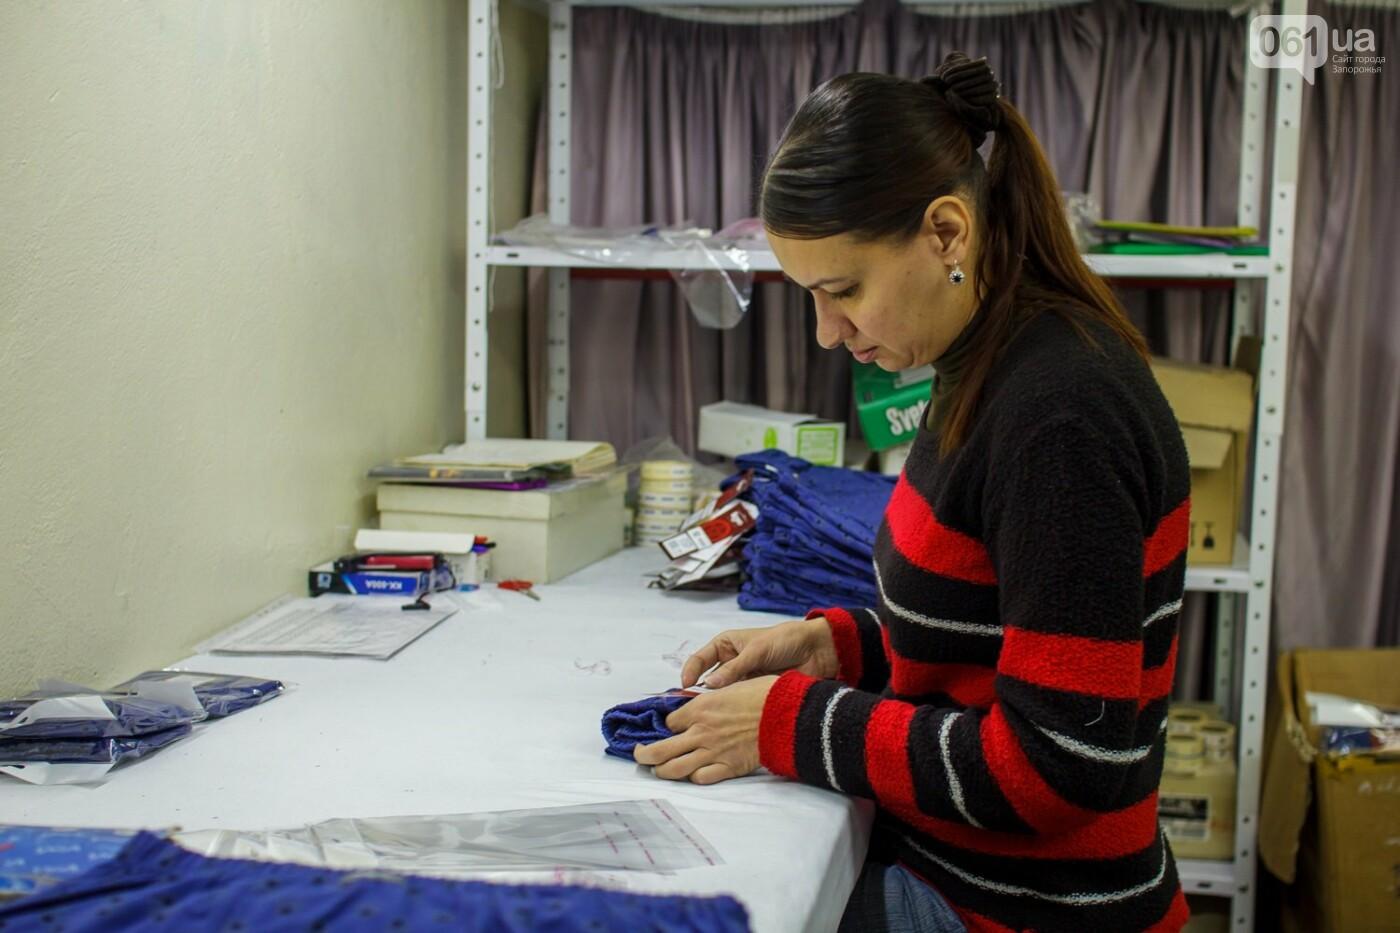 Как в Запорожье шьют мужское белье: экскурсия на трикотажную фабрику, – ФОТОРЕПОРТАЖ, фото-48